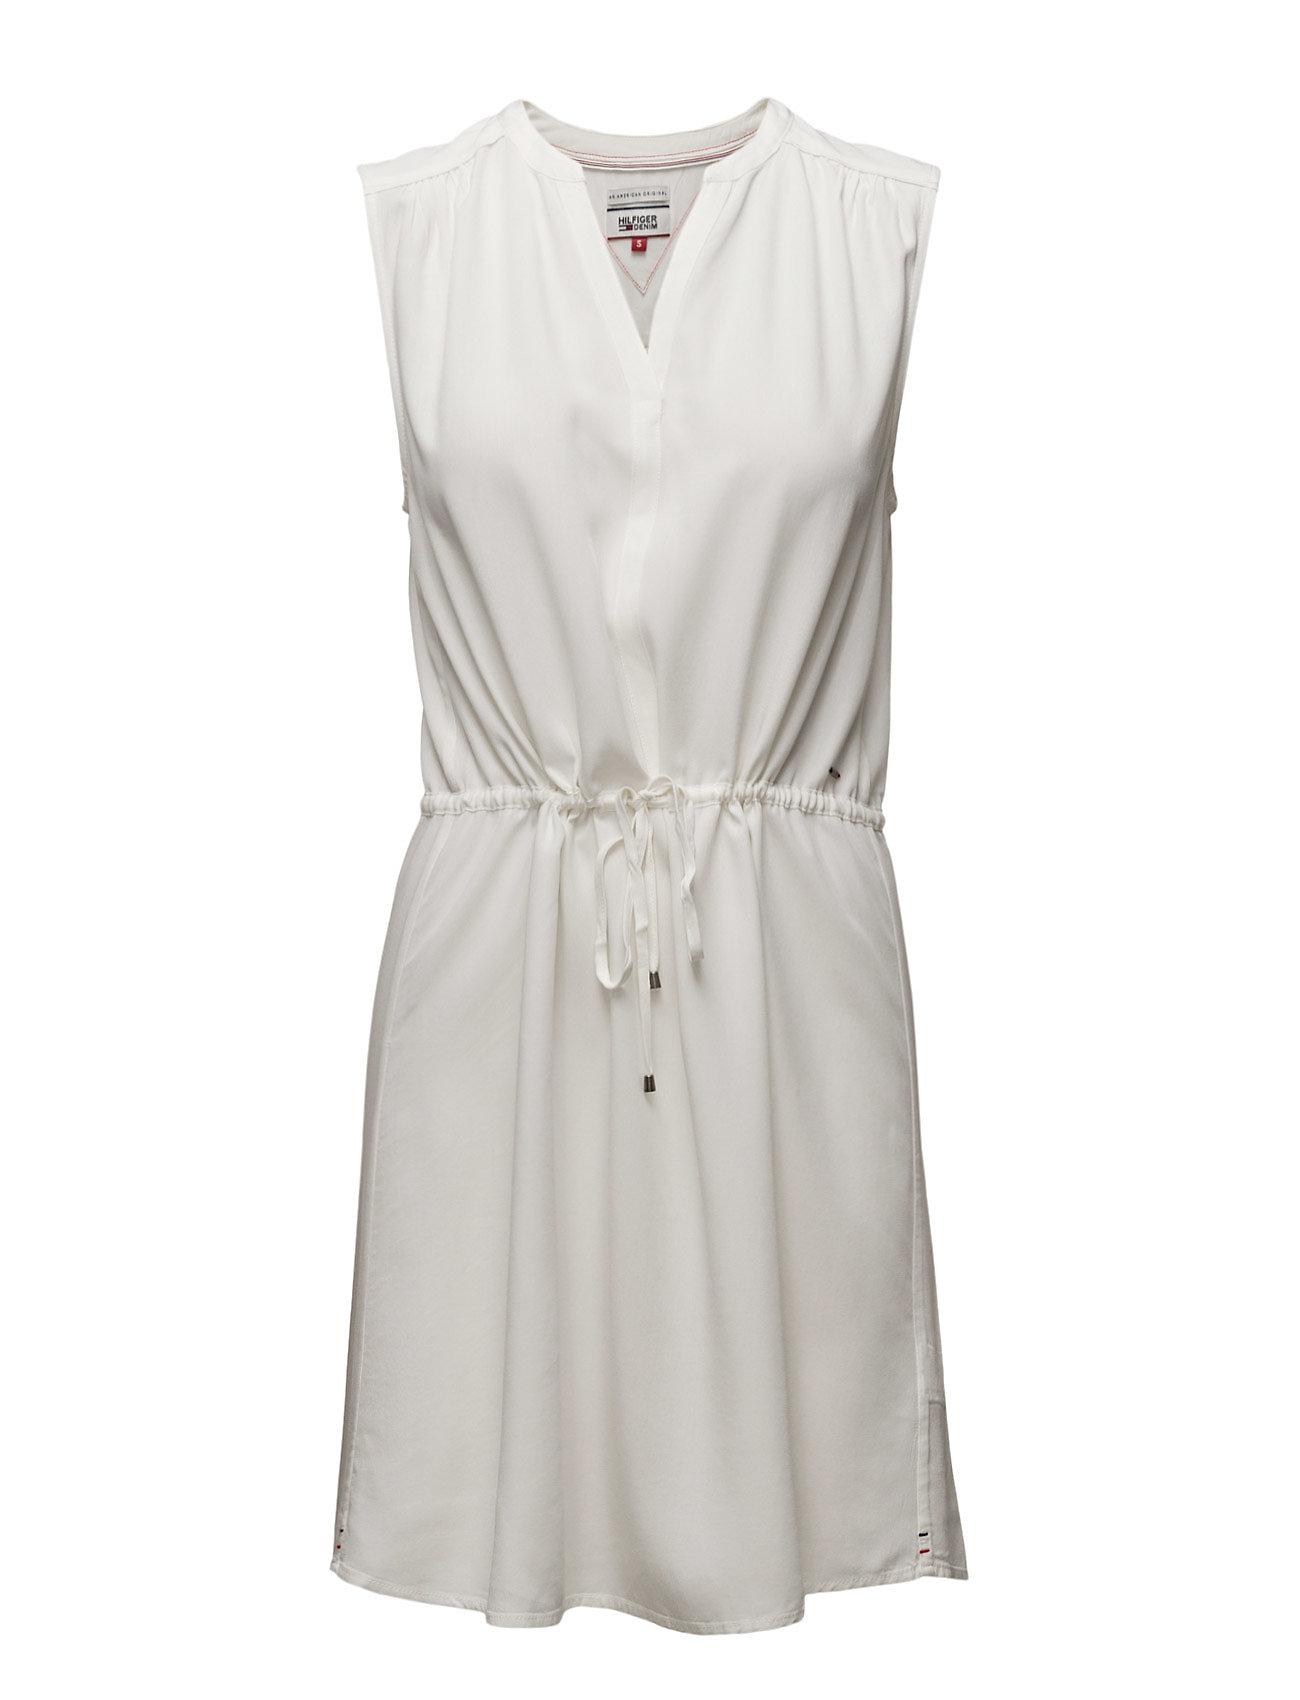 Thdw Blouse Vn Dress S/L 16 Hilfiger Denim Korte kjoler til Kvinder i hvid